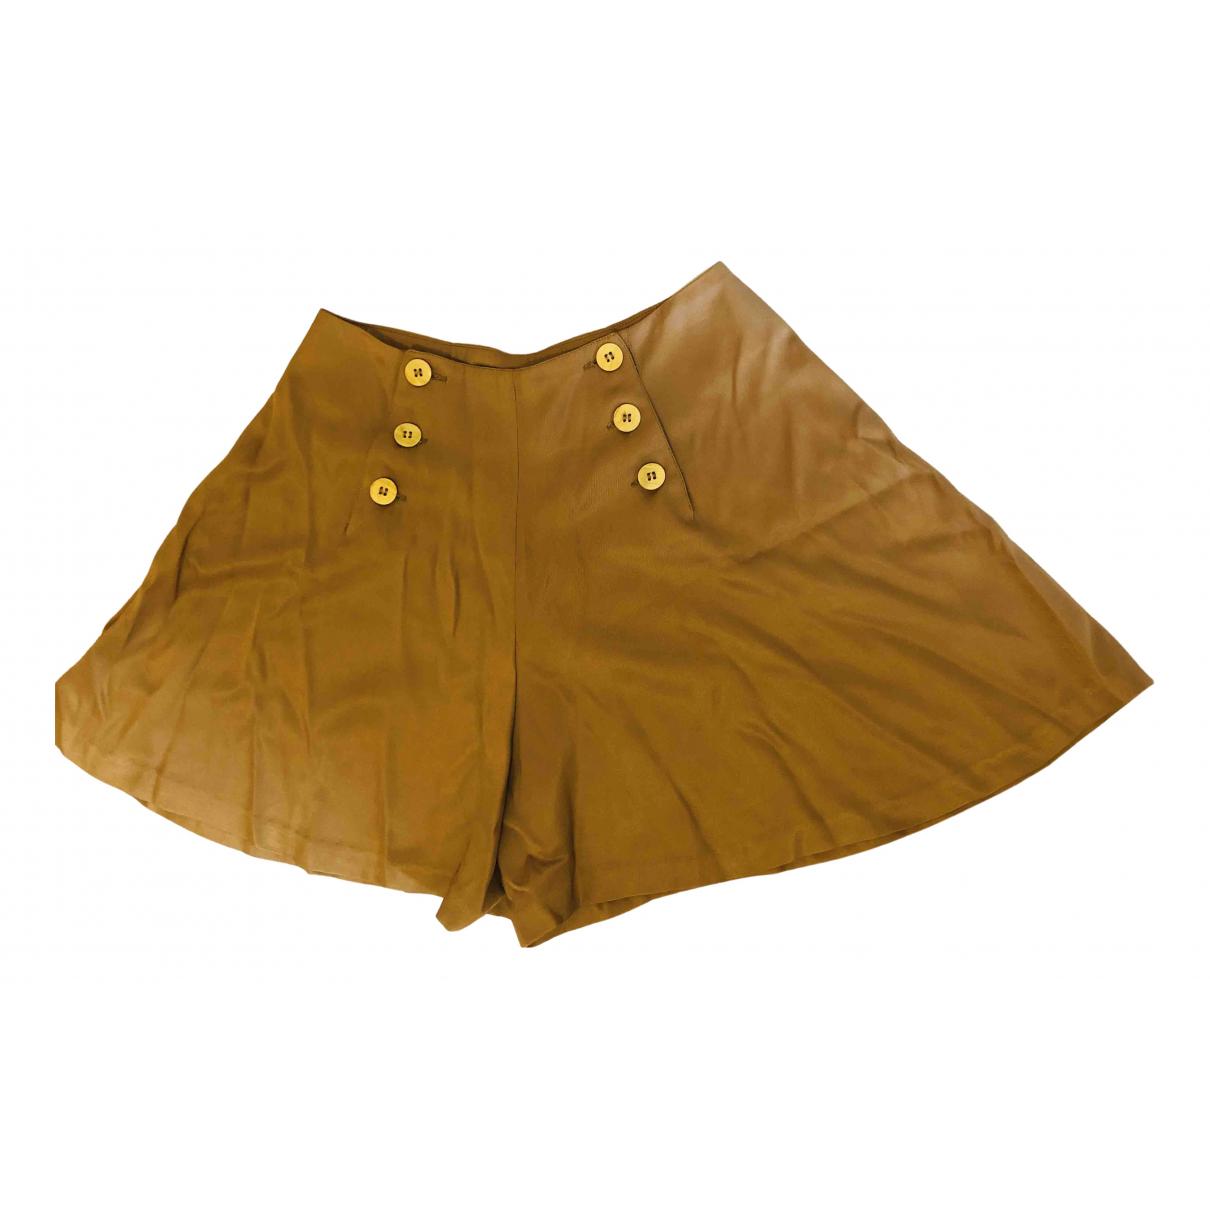 Plein Sud \N Shorts in  Kamel Seide